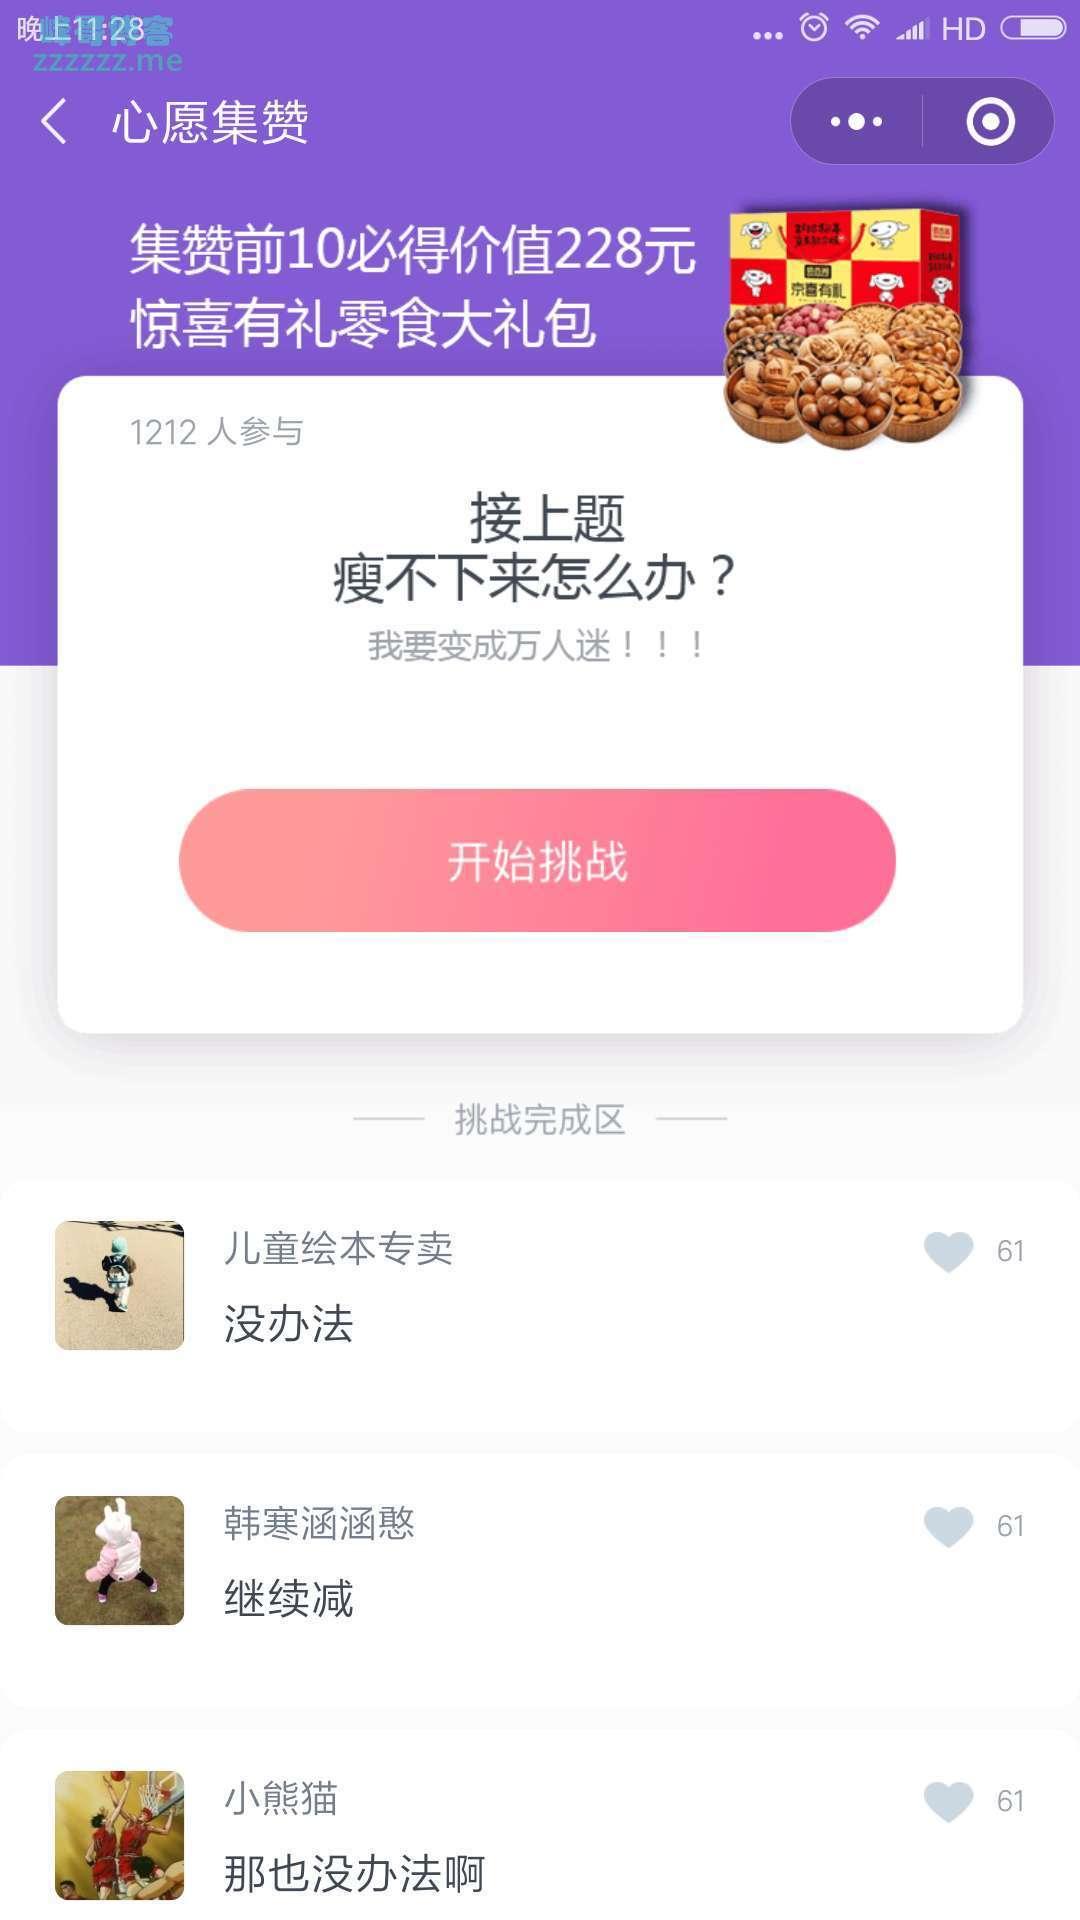 <心愿公社>集赞有惊喜(截止1月8日)